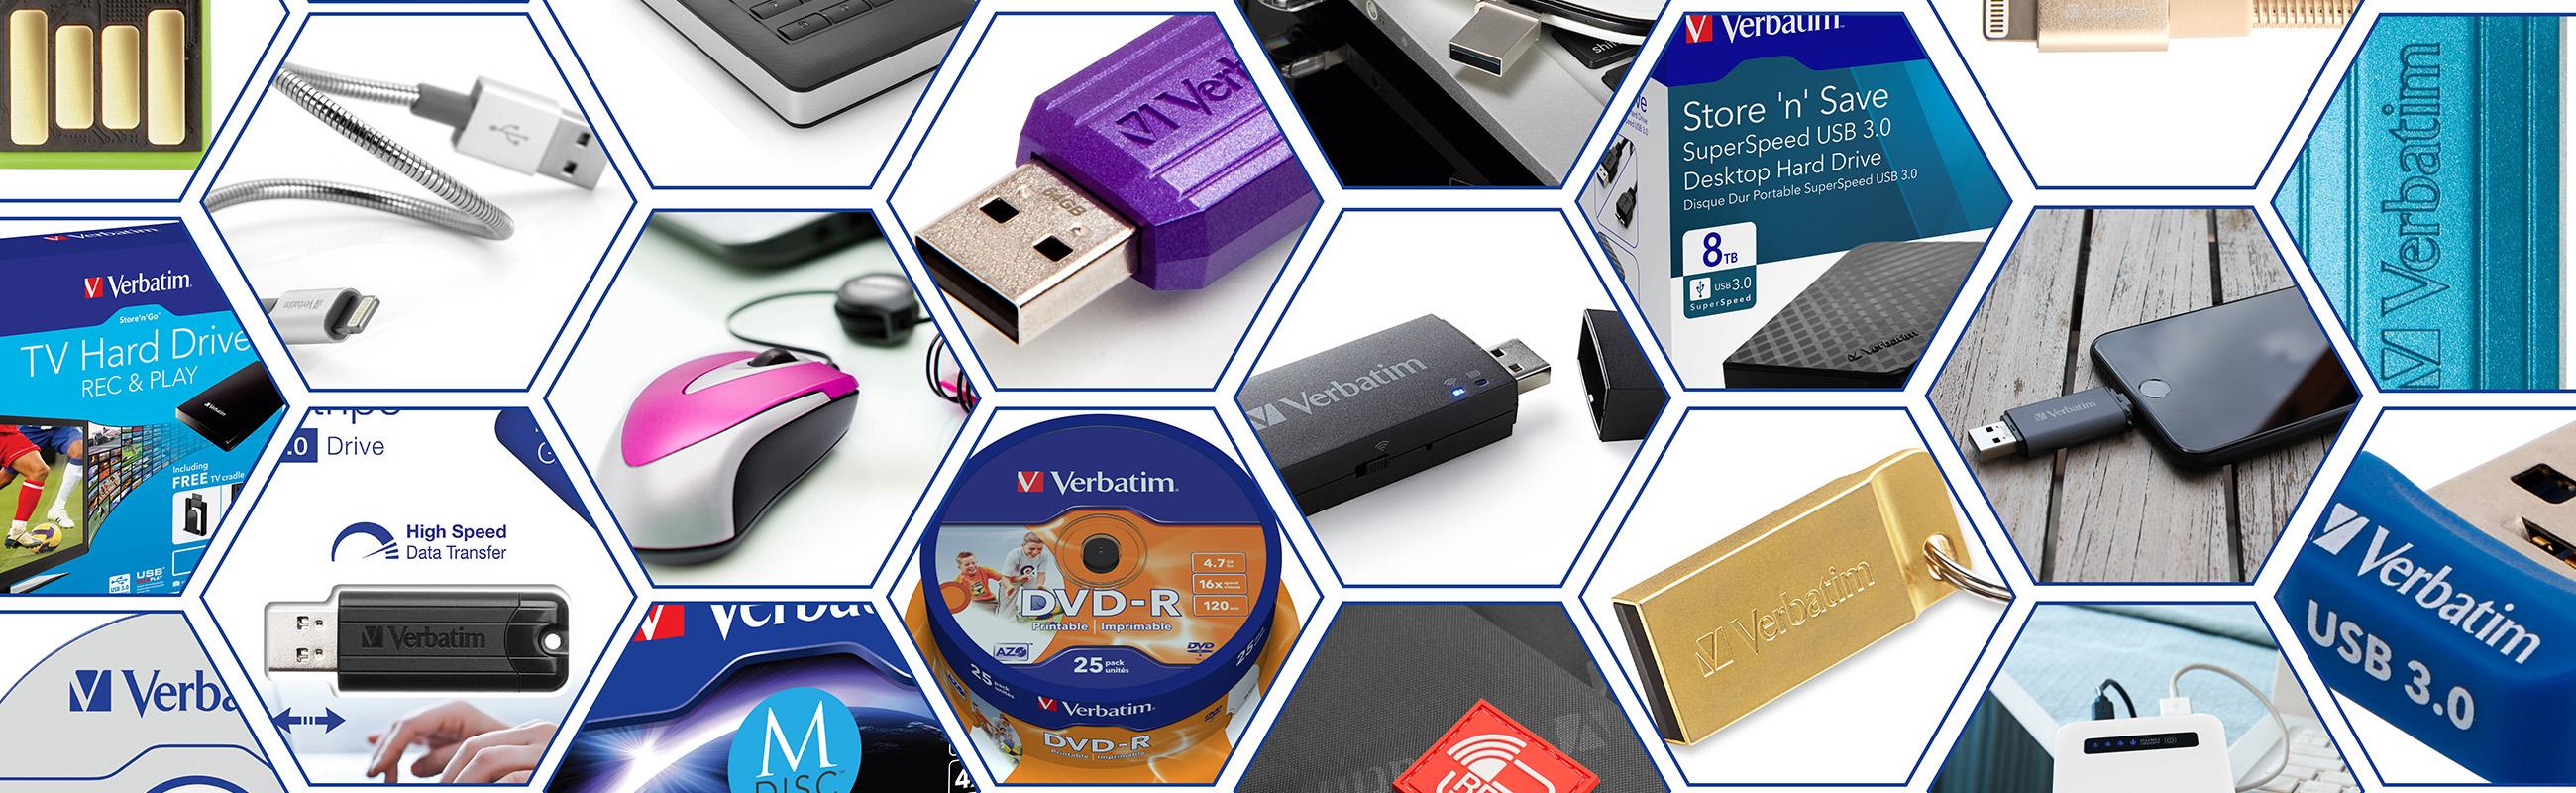 tienda verbatim , verbatim donde comprar , verbatim tienda online , discos verbatim baratos, tienda de verbatim , discos dvd , discos cd , discos bluray